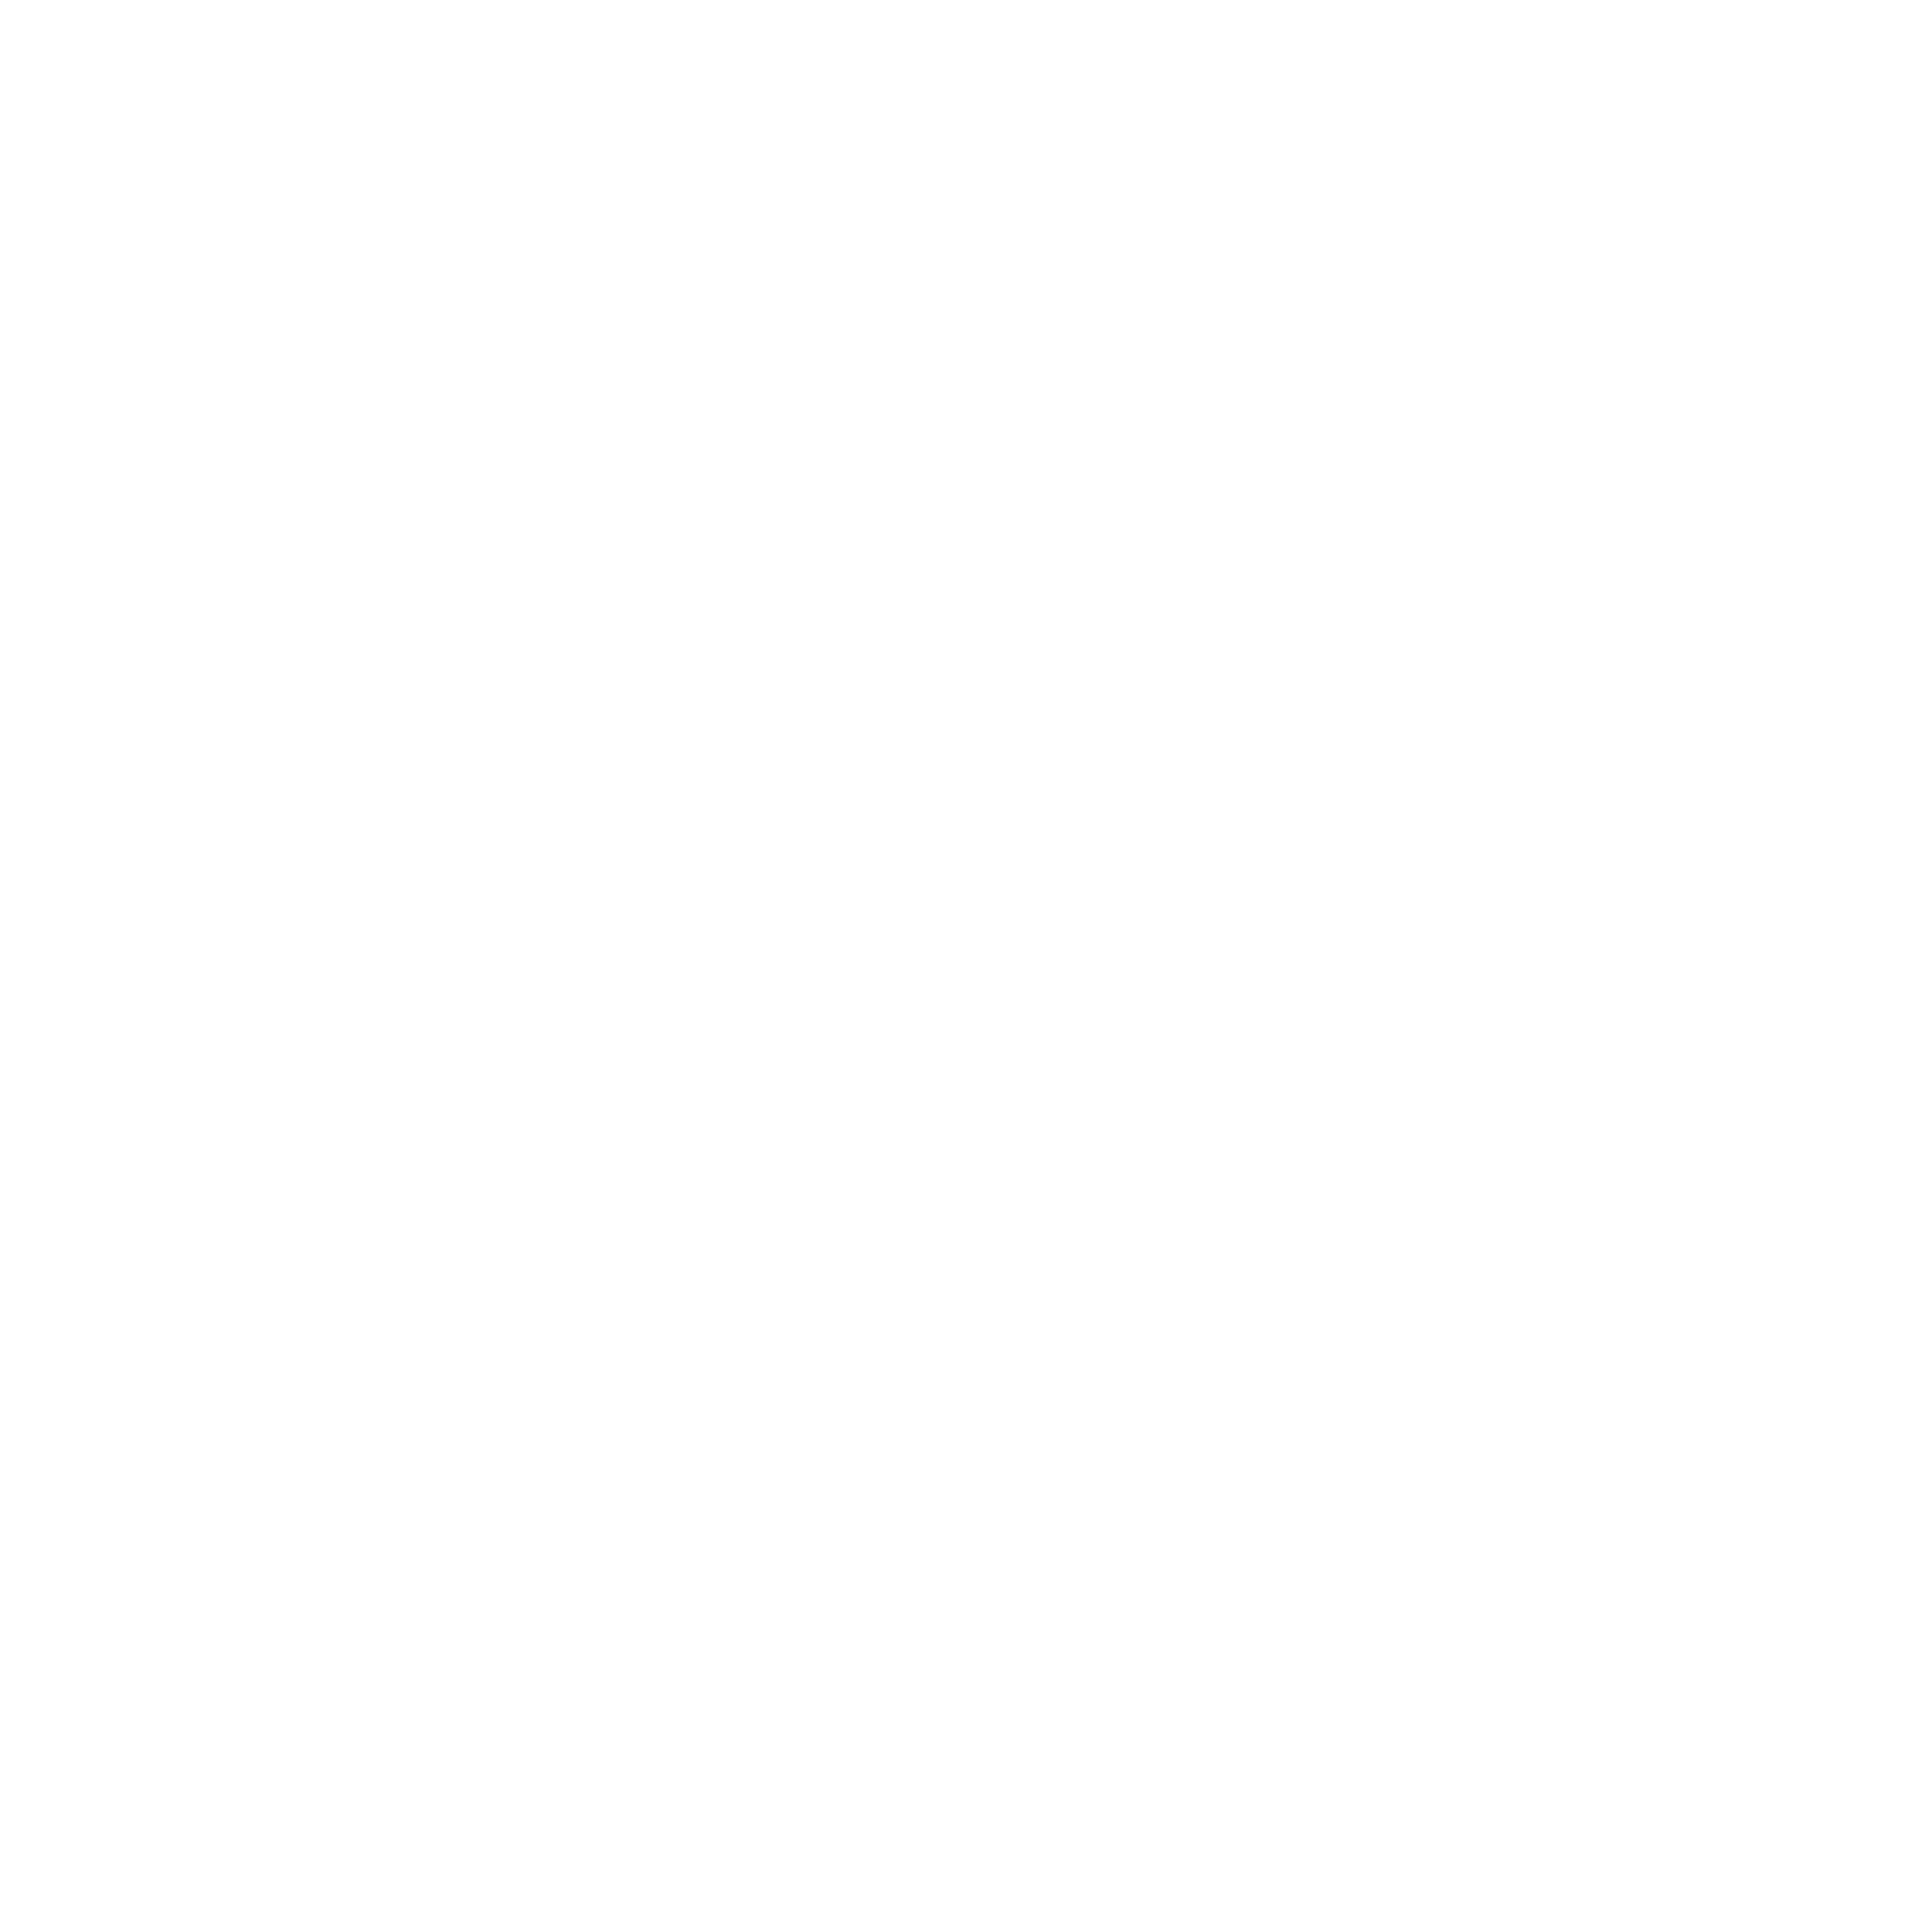 GO-next_Wit-Welbevinden